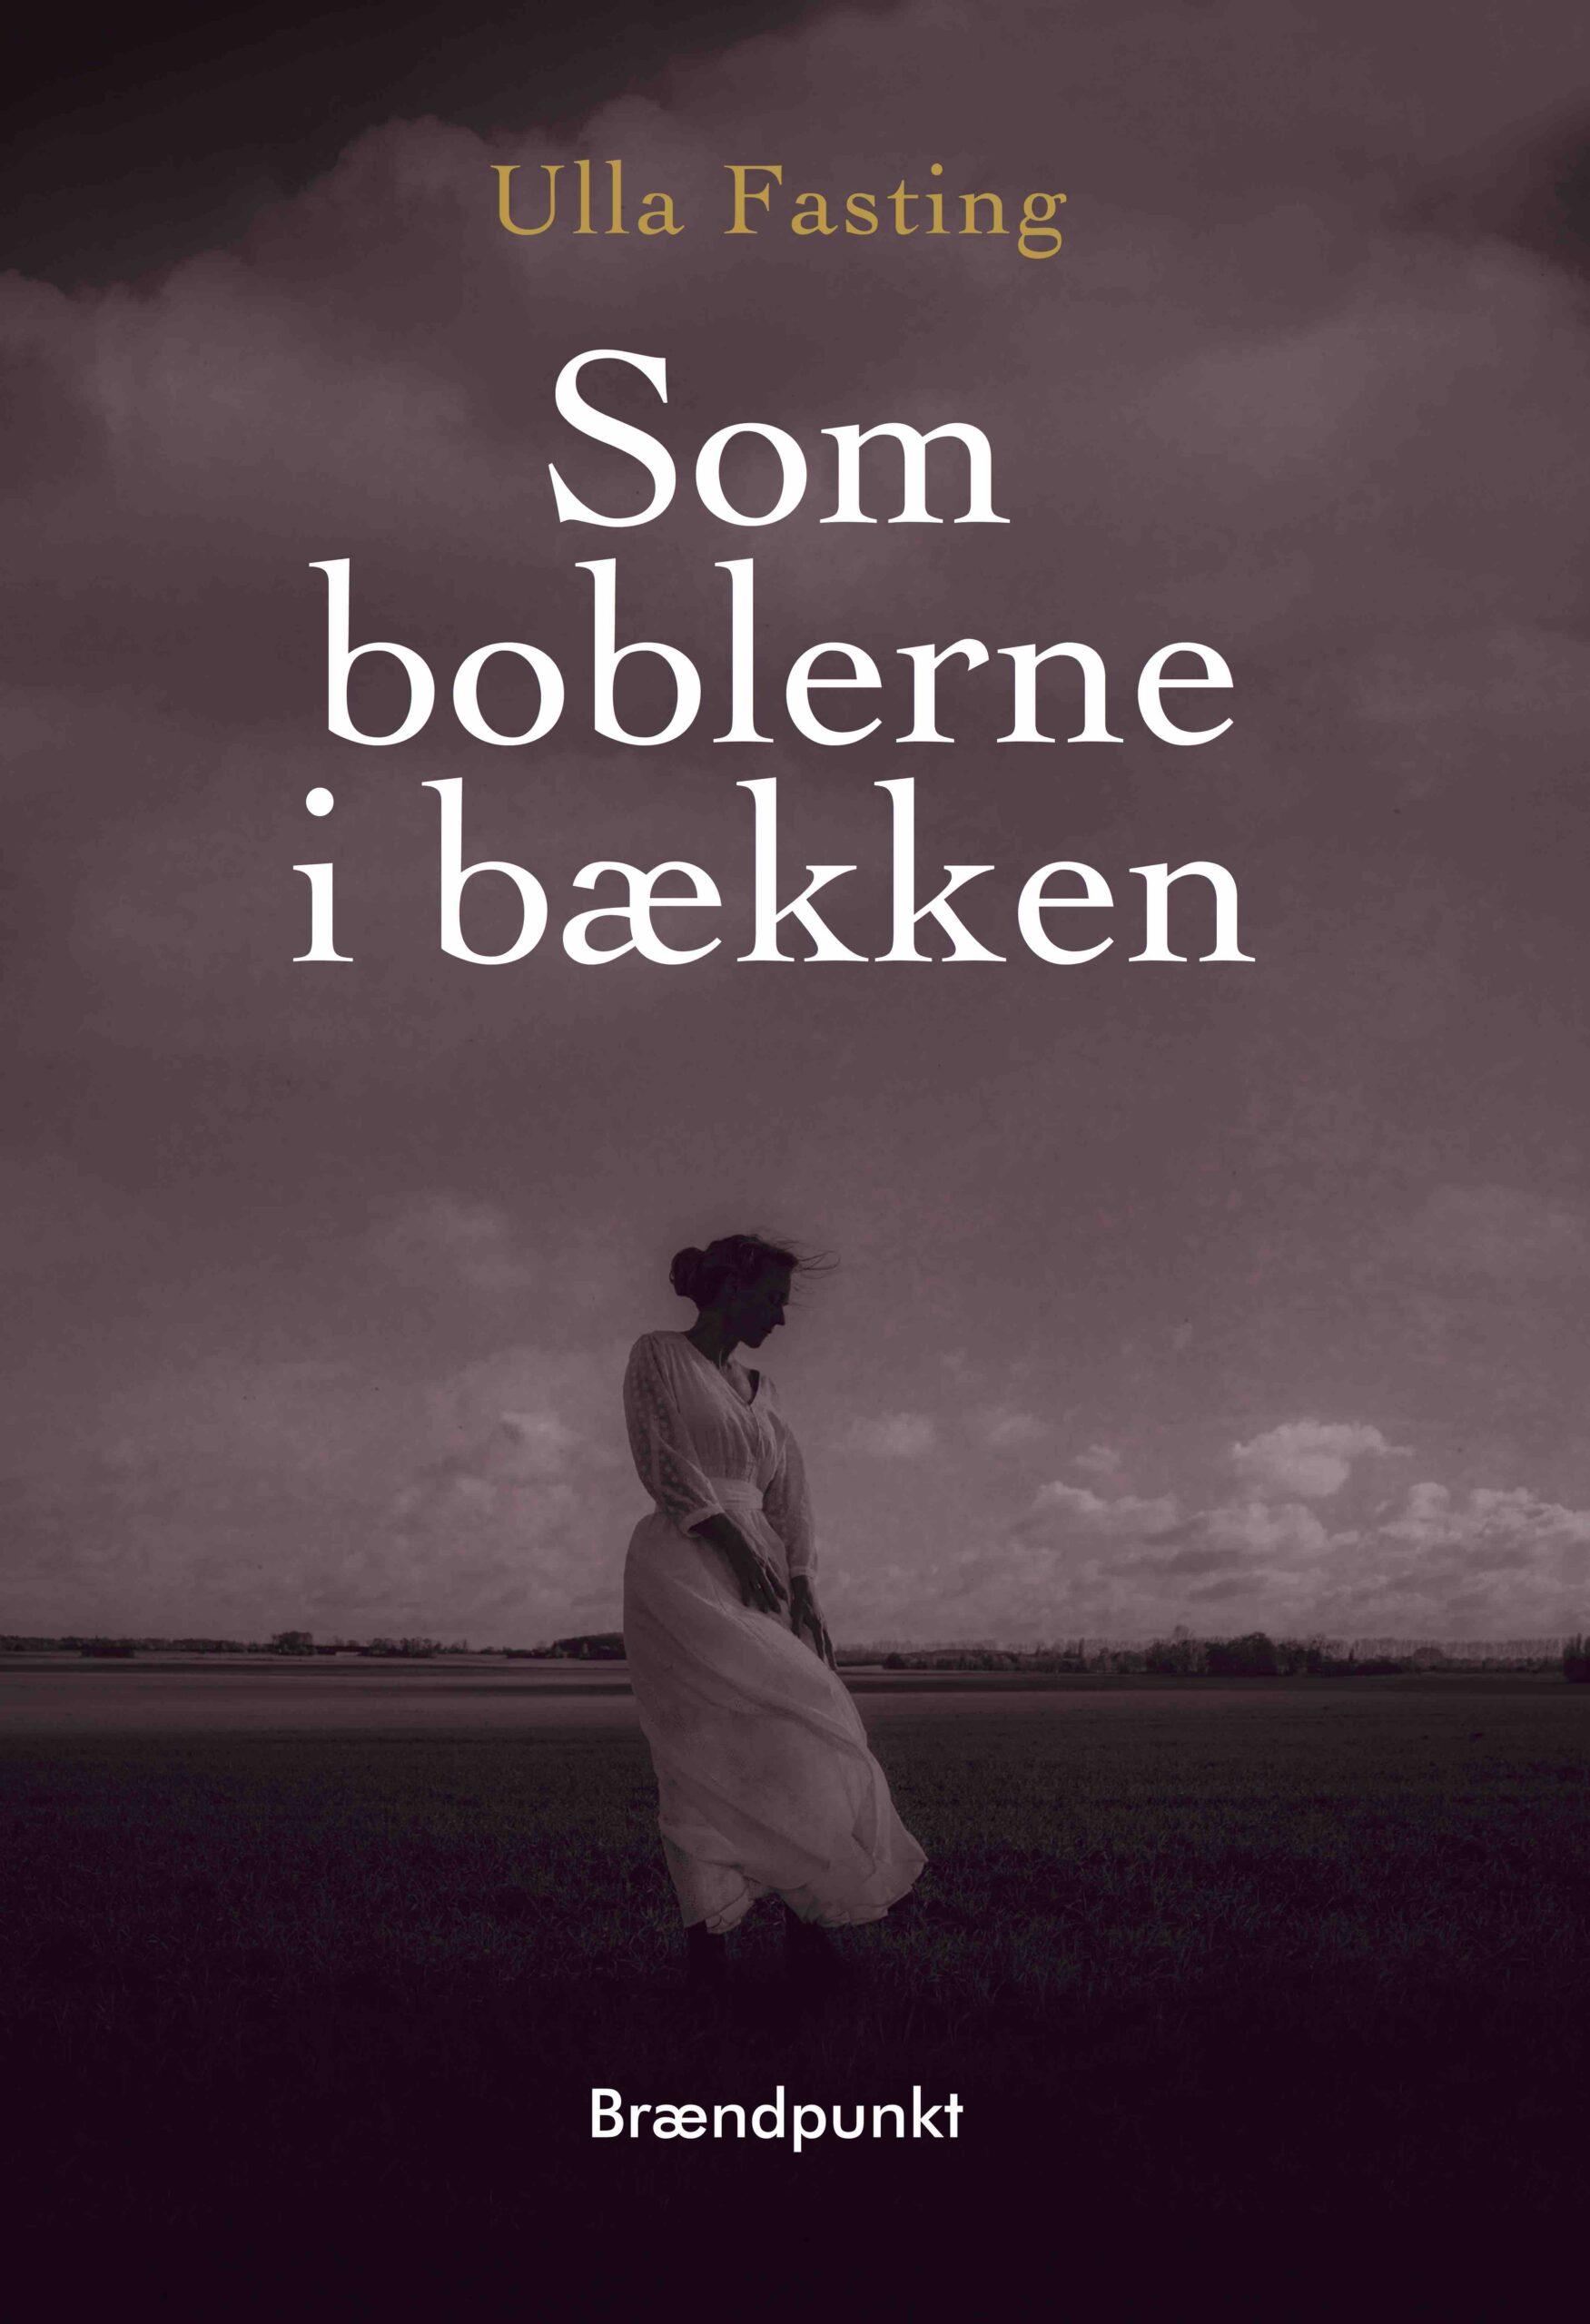 Som boblerne i bækken af Ulla Fasting, roman